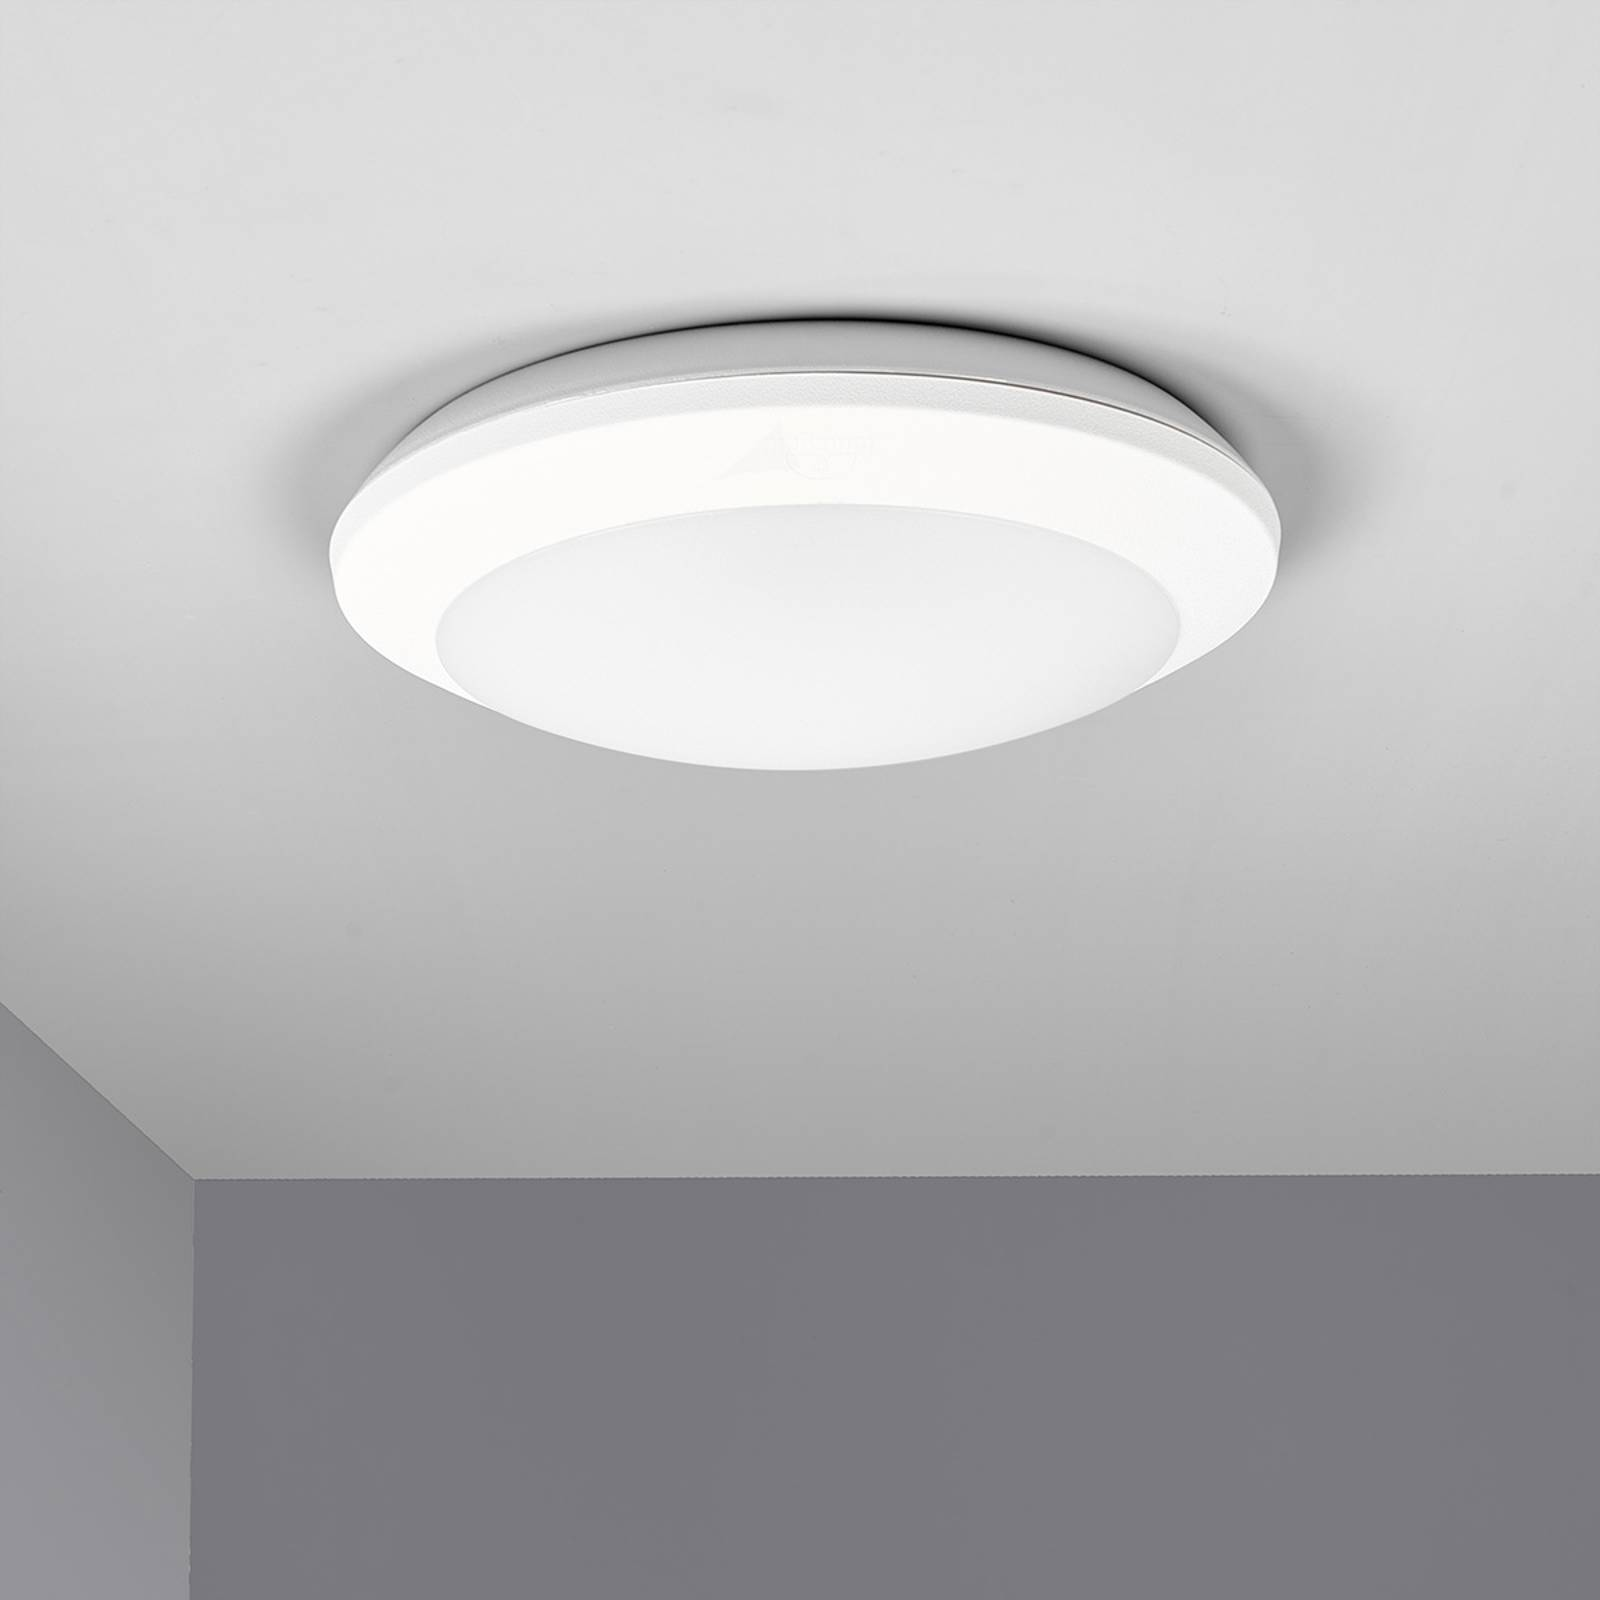 Lampa sufitowa LED z czujnikiem Umberta biała, CCT